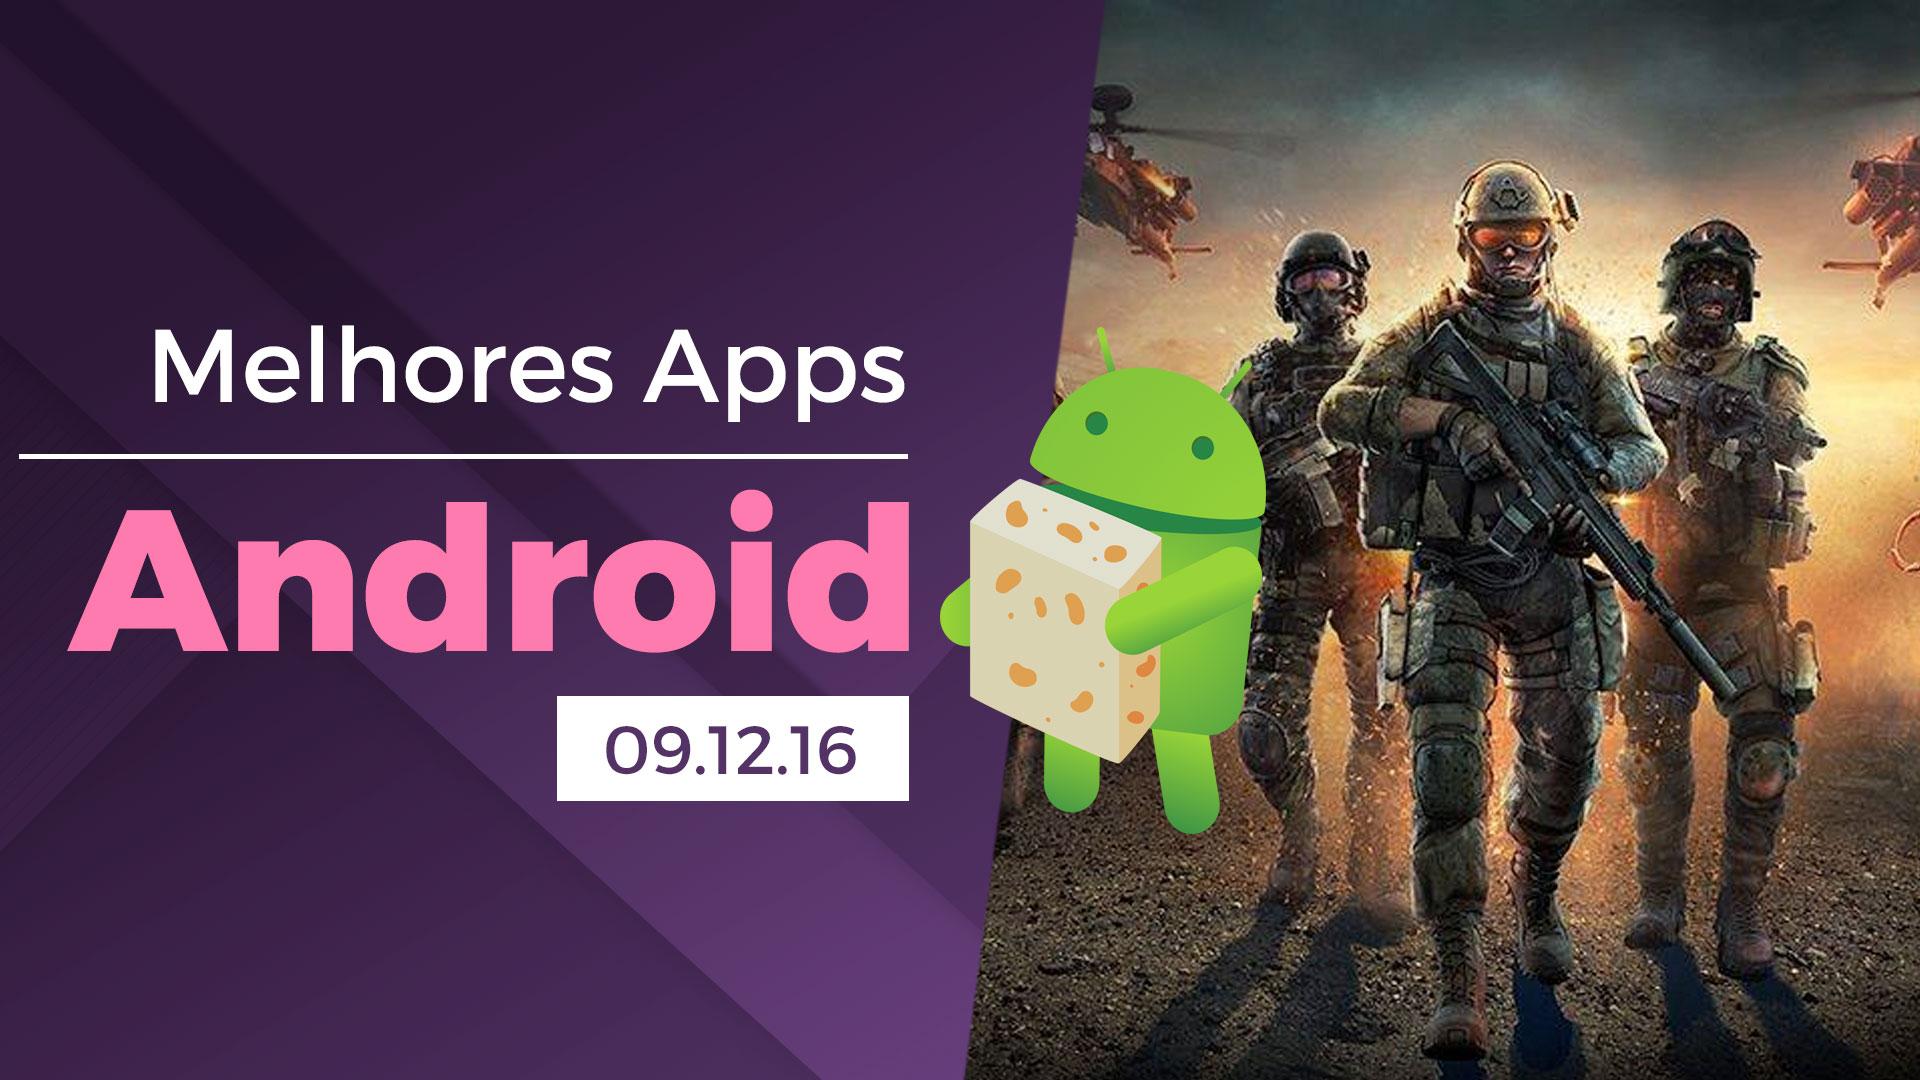 Melhores Apps para Android: 09/12/2016 [vídeo]